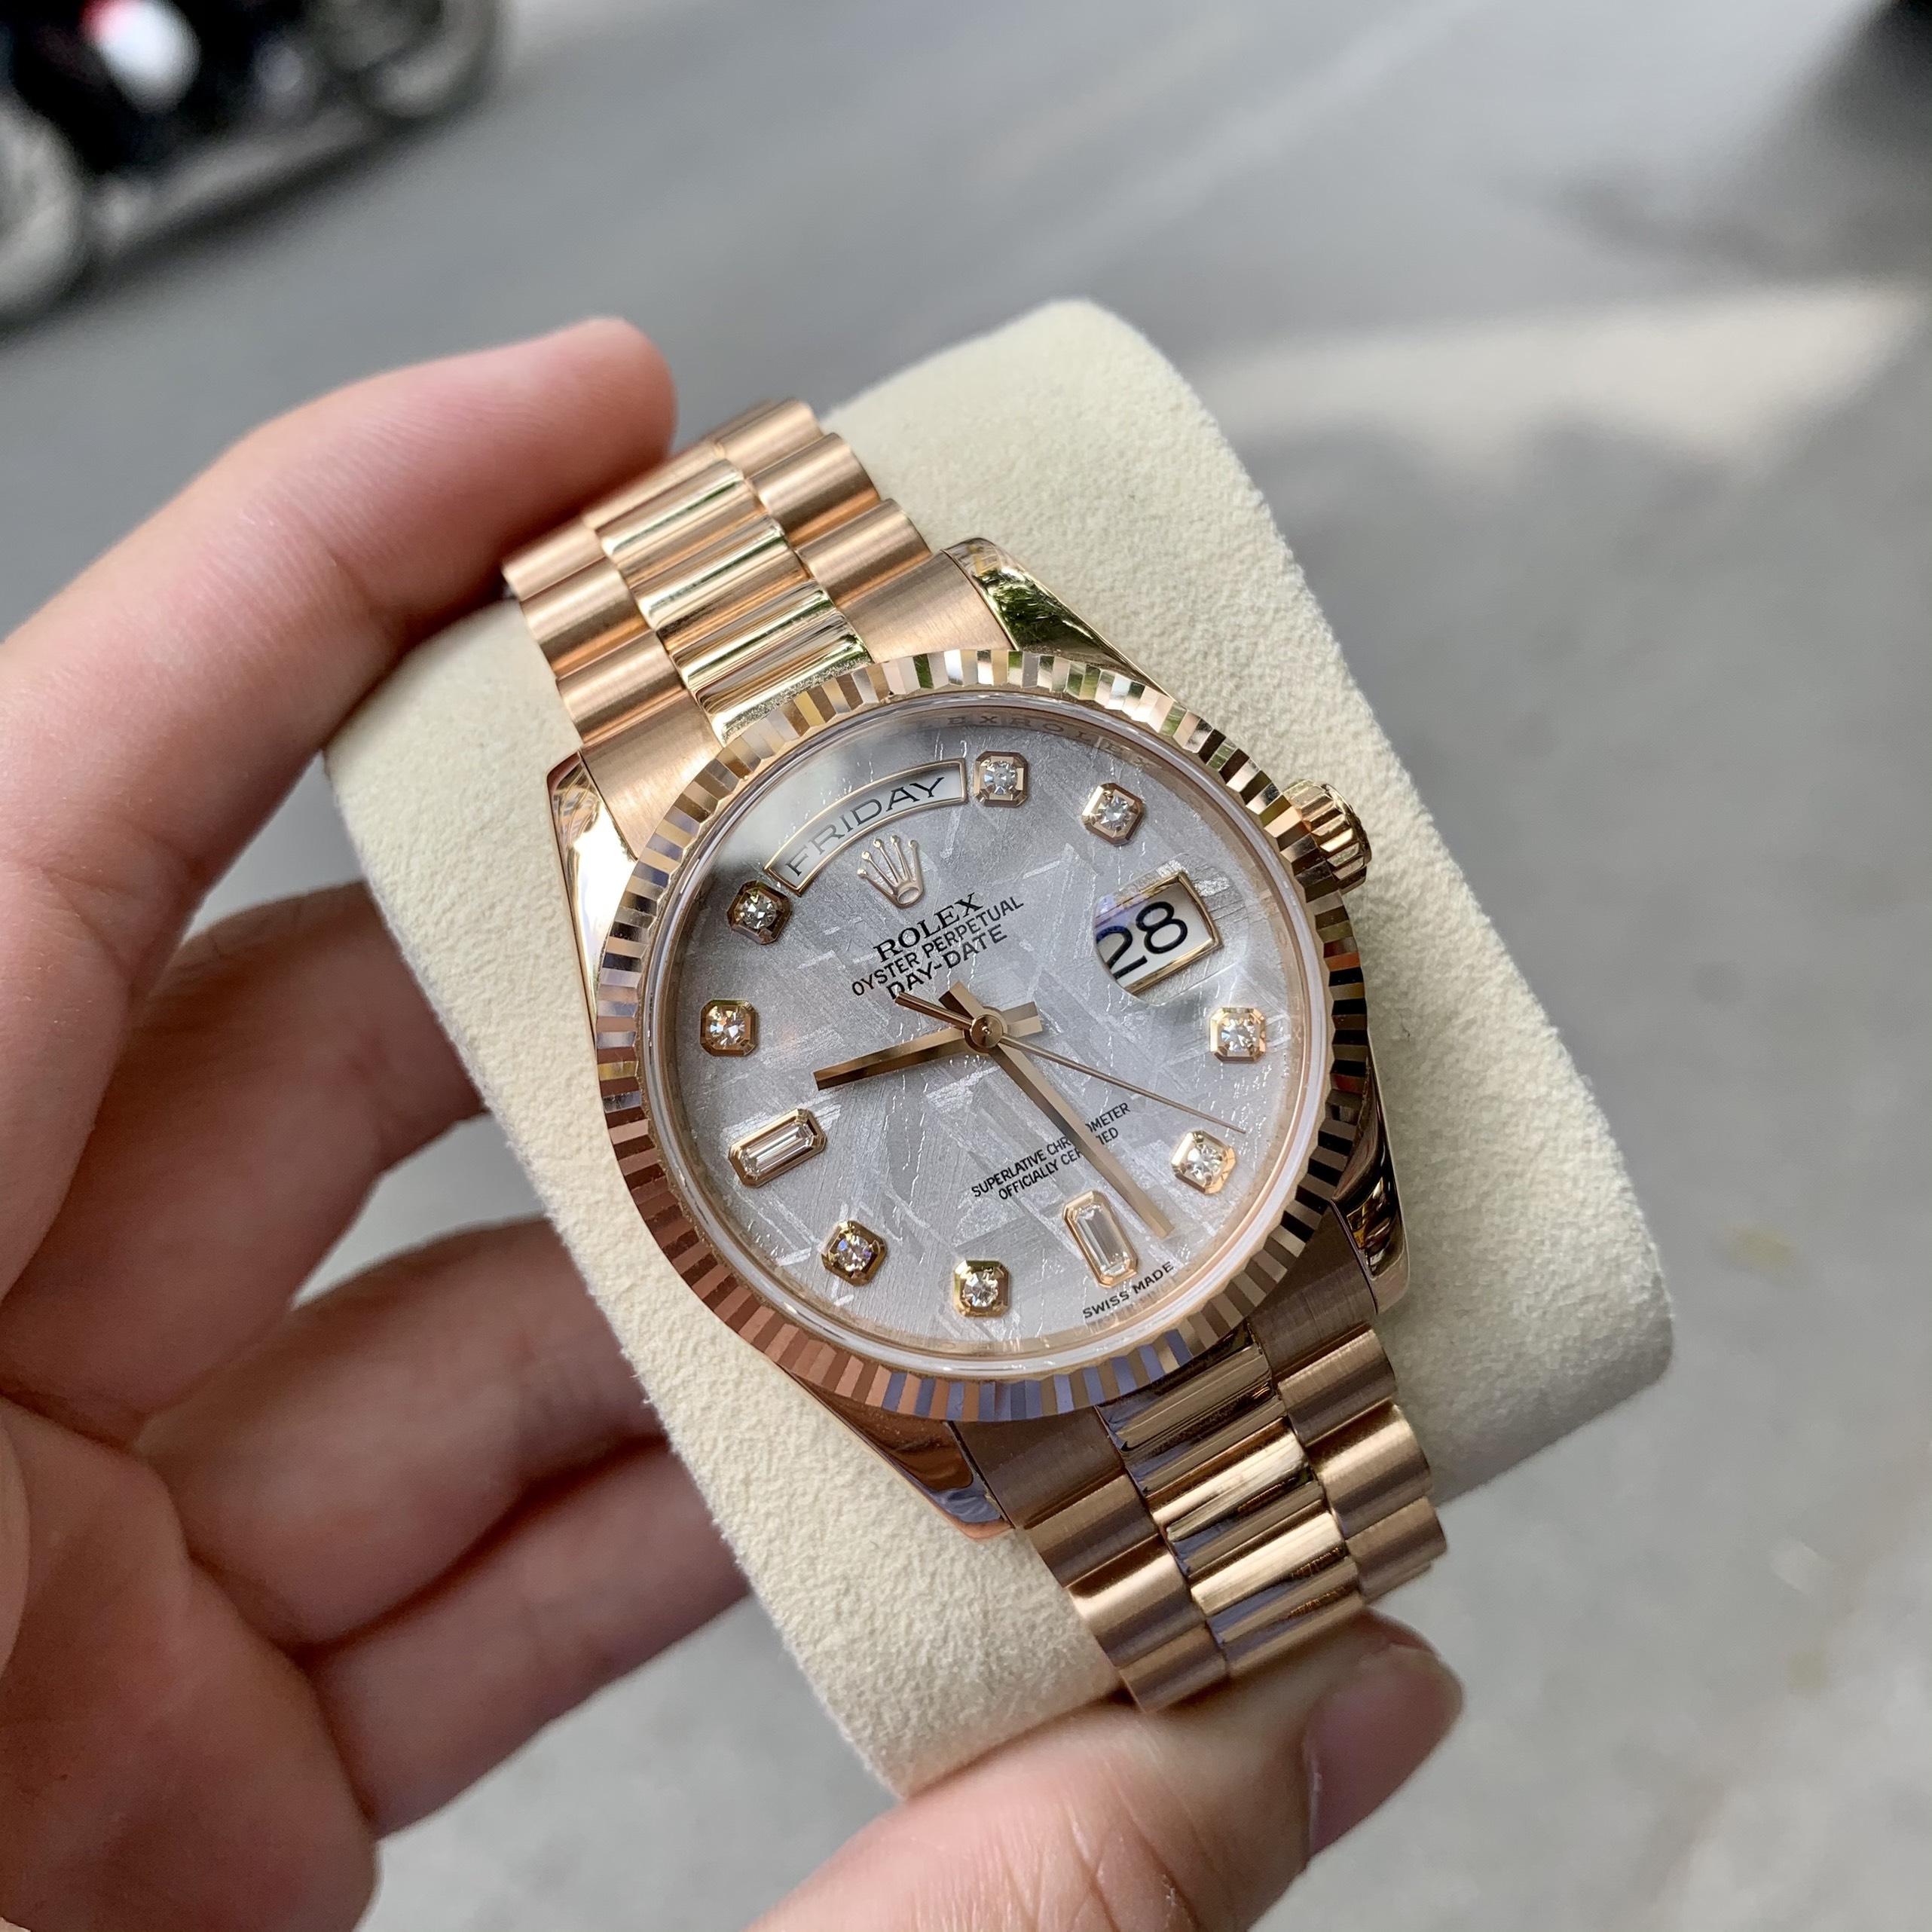 10 chiếc đồng hồ Rolex cũ đáng lựa chọn nhất 2021 Dong-ho-rolex-118235-day-date-diamond-mat-thien-thach-vang-khoi-18k-1